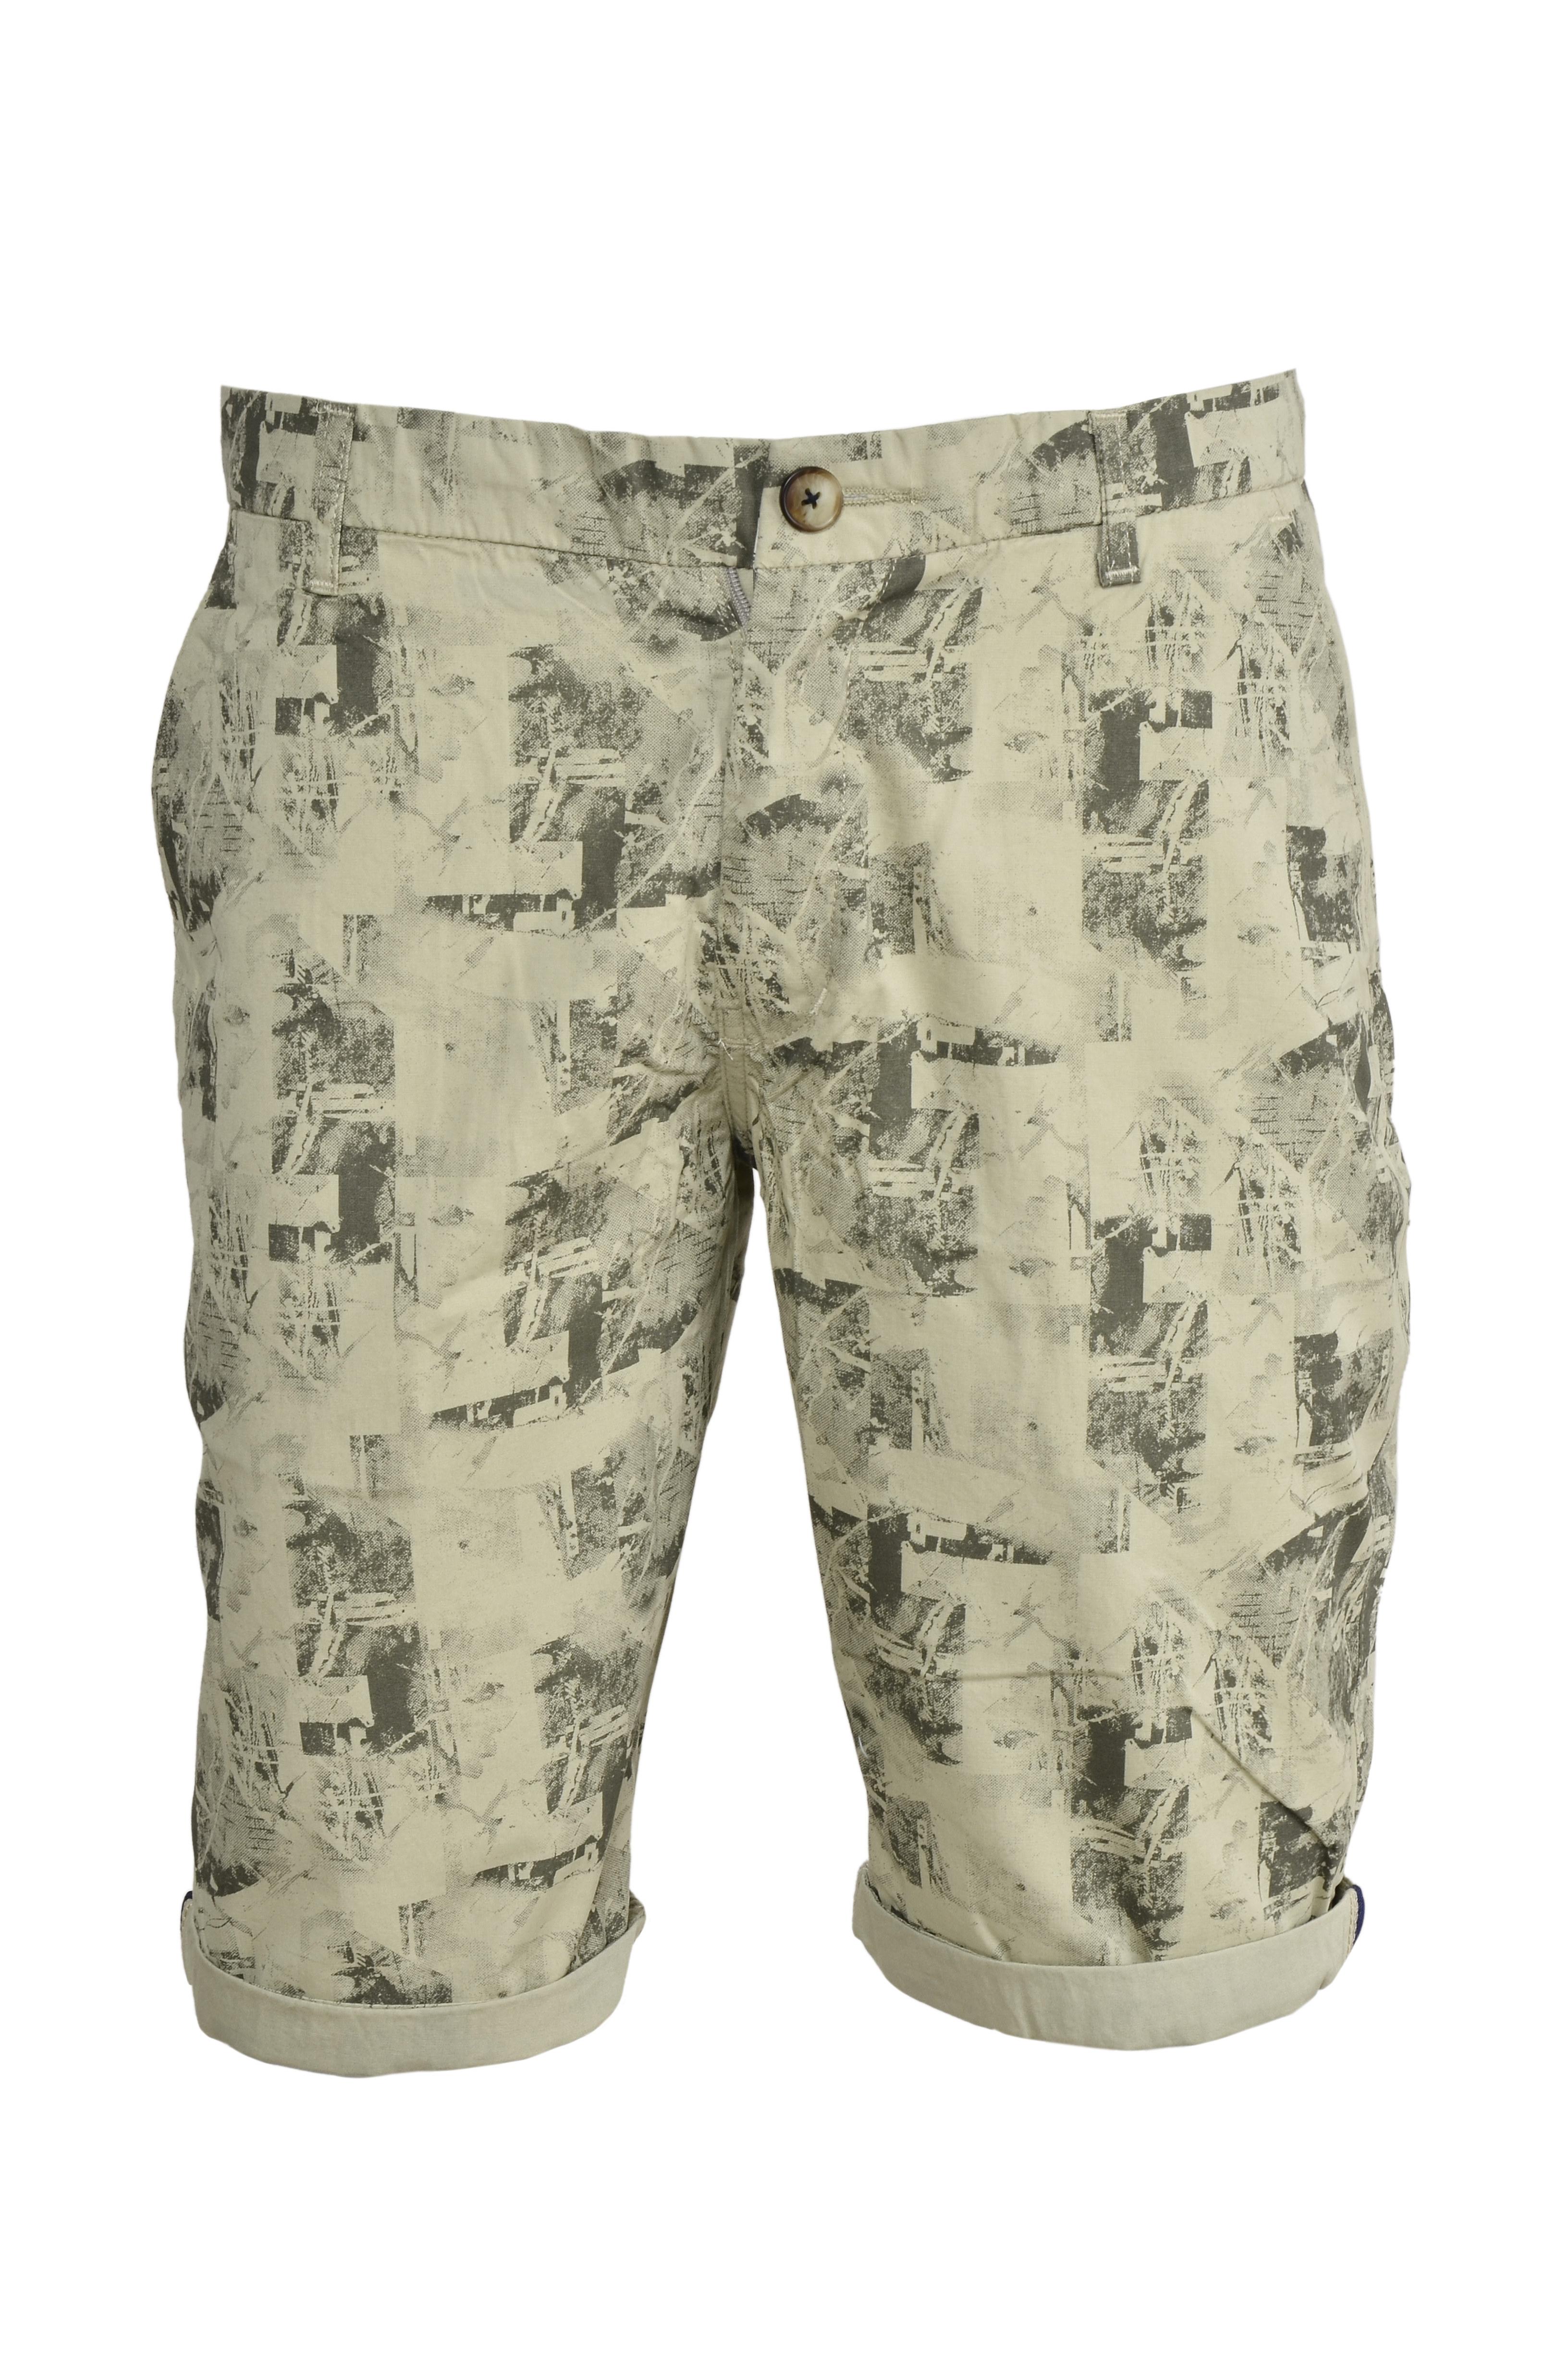 Cool Printed Shorts